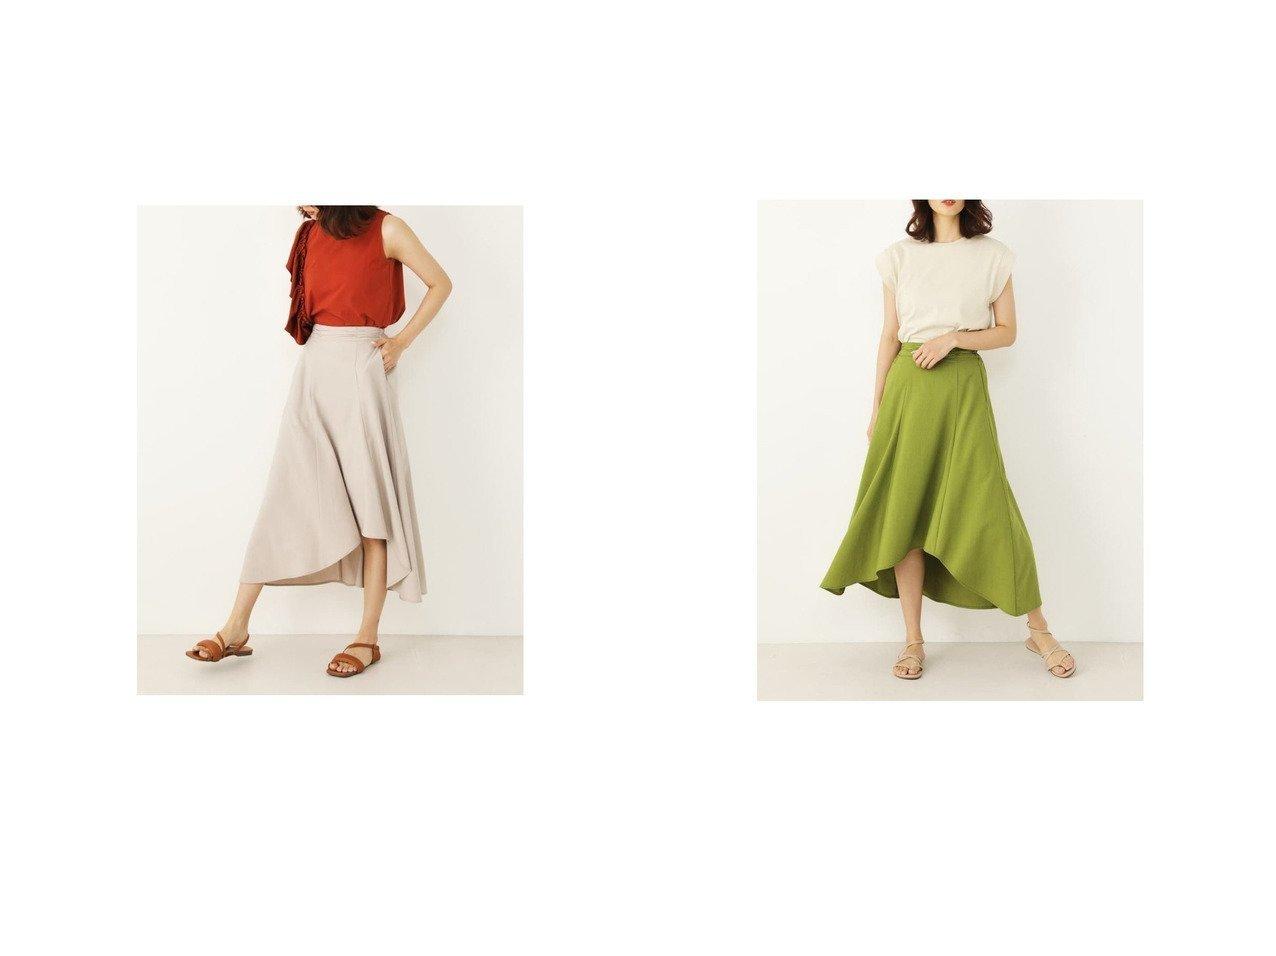 【SHELTTER/シェルター】のアシンメトリーフレアロングスカート おすすめ!人気、トレンド・レディースファッションの通販 おすすめで人気の流行・トレンド、ファッションの通販商品 インテリア・家具・メンズファッション・キッズファッション・レディースファッション・服の通販 founy(ファニー) https://founy.com/ ファッション Fashion レディースファッション WOMEN スカート Skirt ロングスカート Long Skirt 2021年 2021 2021春夏・S/S SS/Spring/Summer/2021 S/S・春夏 SS・Spring/Summer 夏 Summer 春 Spring  ID:crp329100000055397